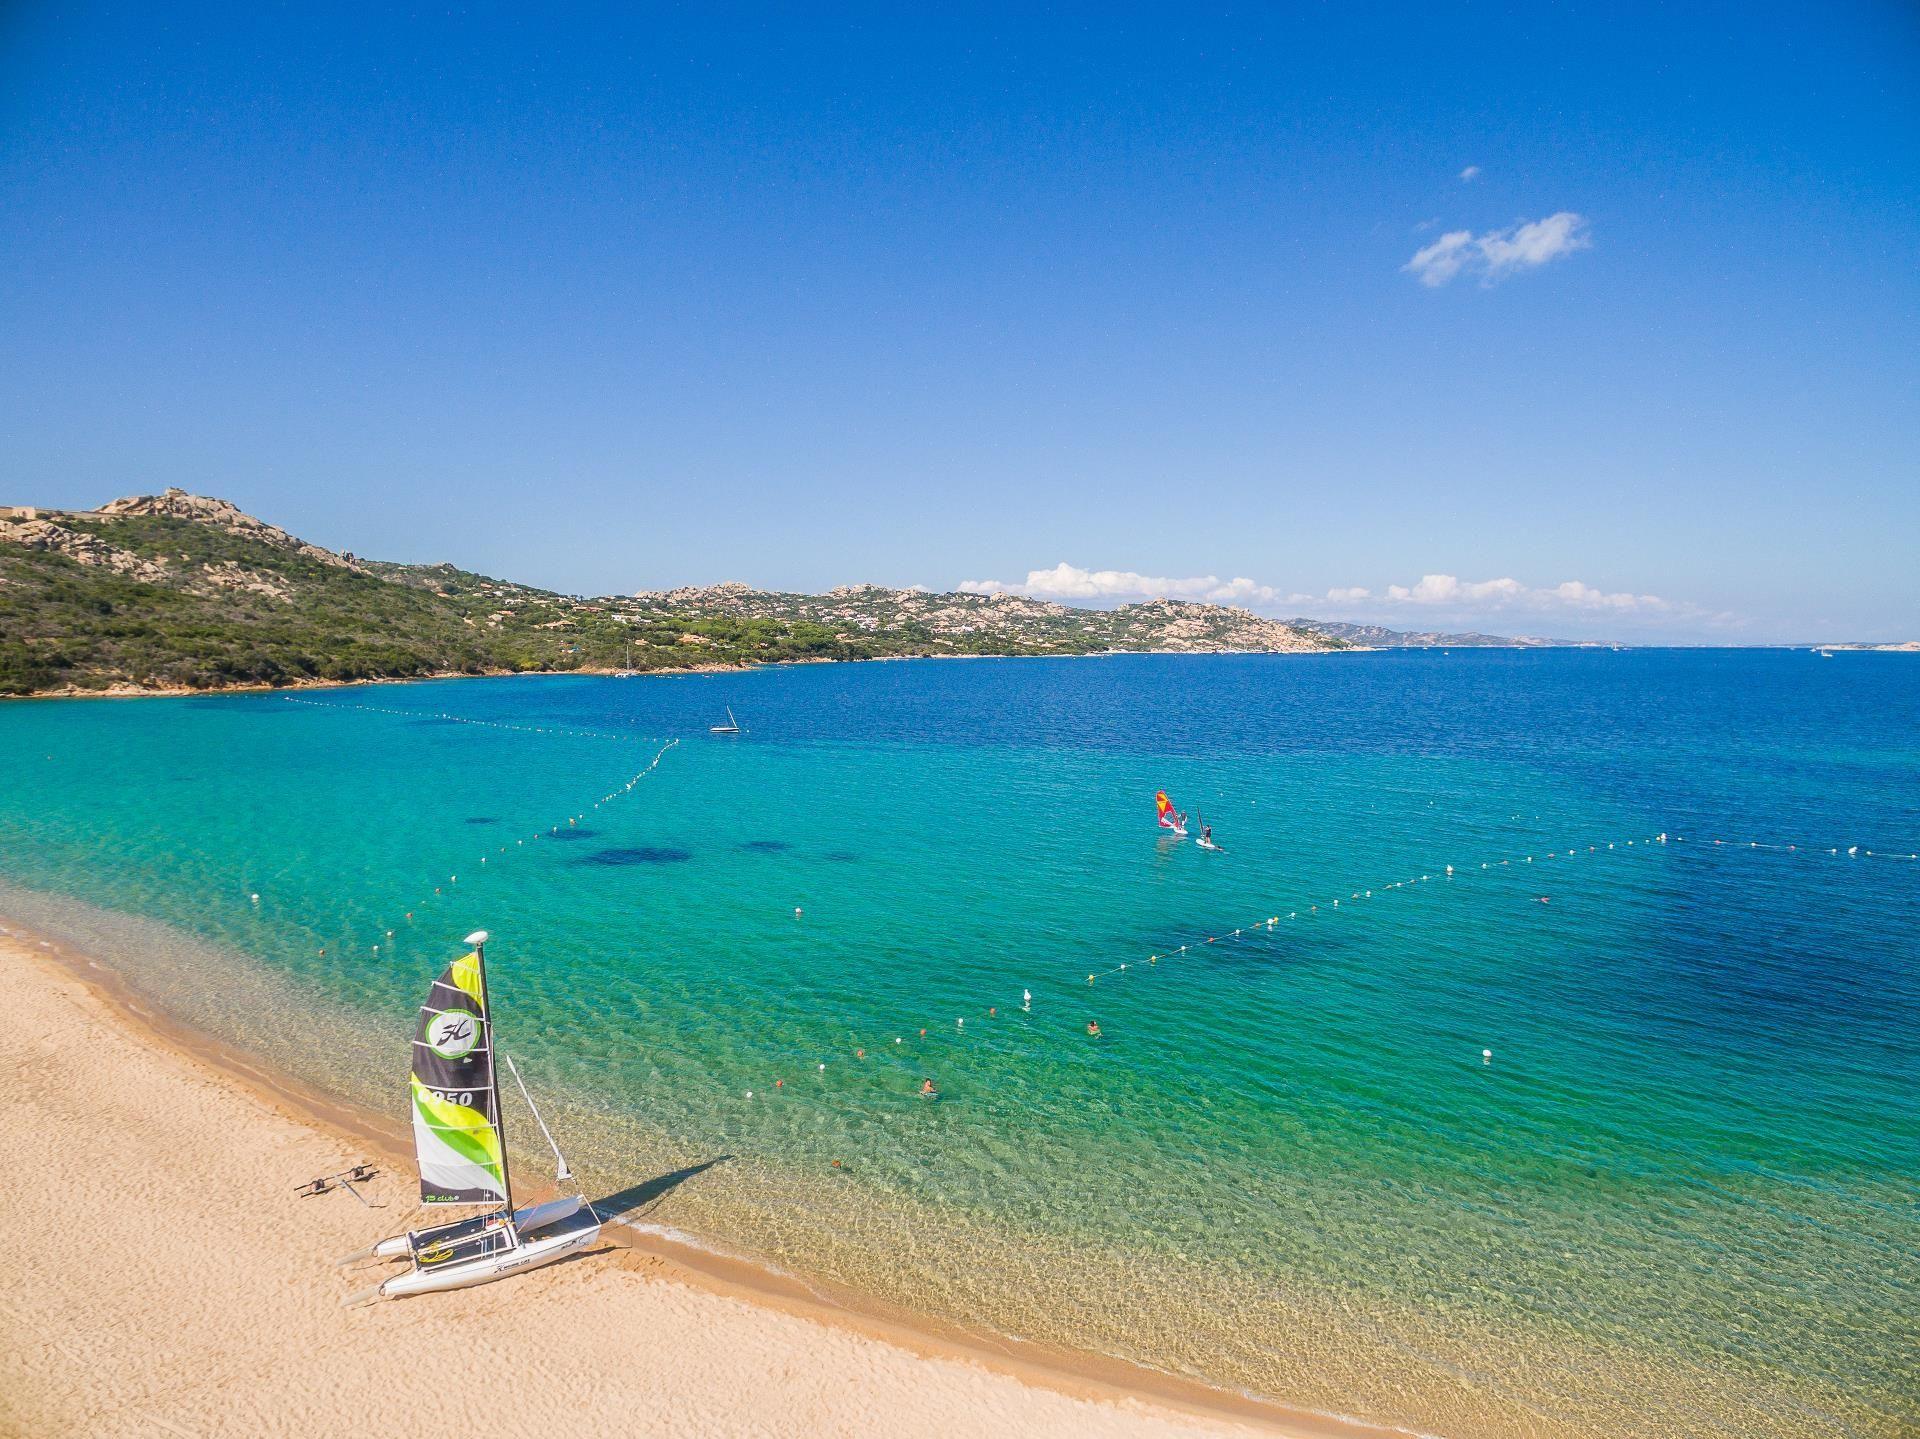 Palau sardegna immobili in vendita o affitto for Case in vendita nelle isole greche